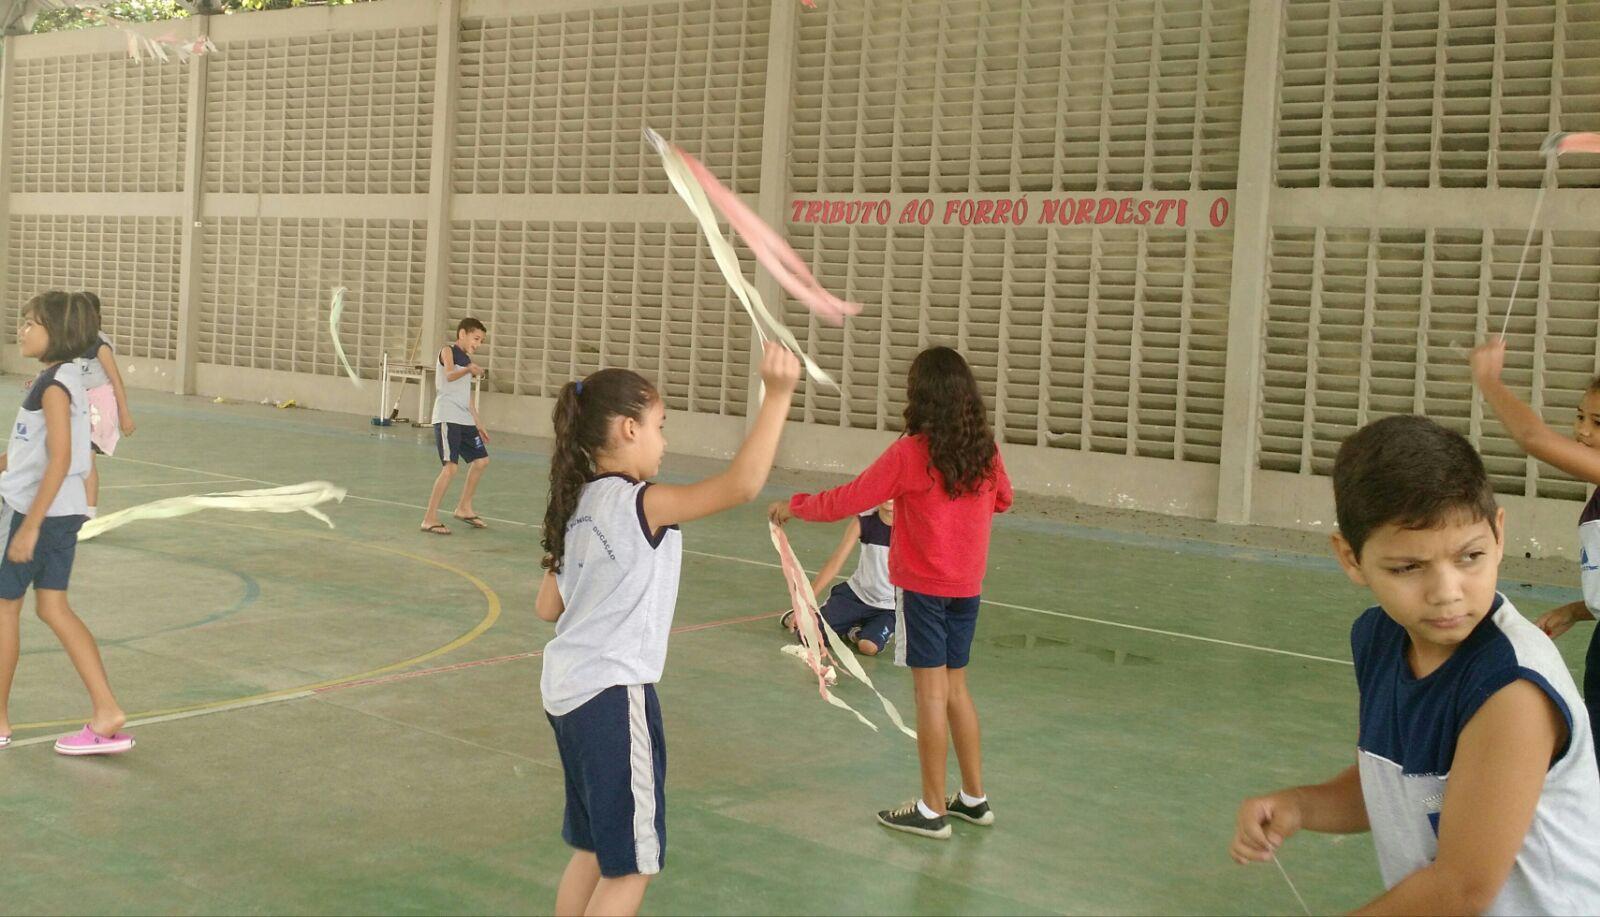 Crianças brincam com varetas com fitas de papel na ponta em quadra de esporte.